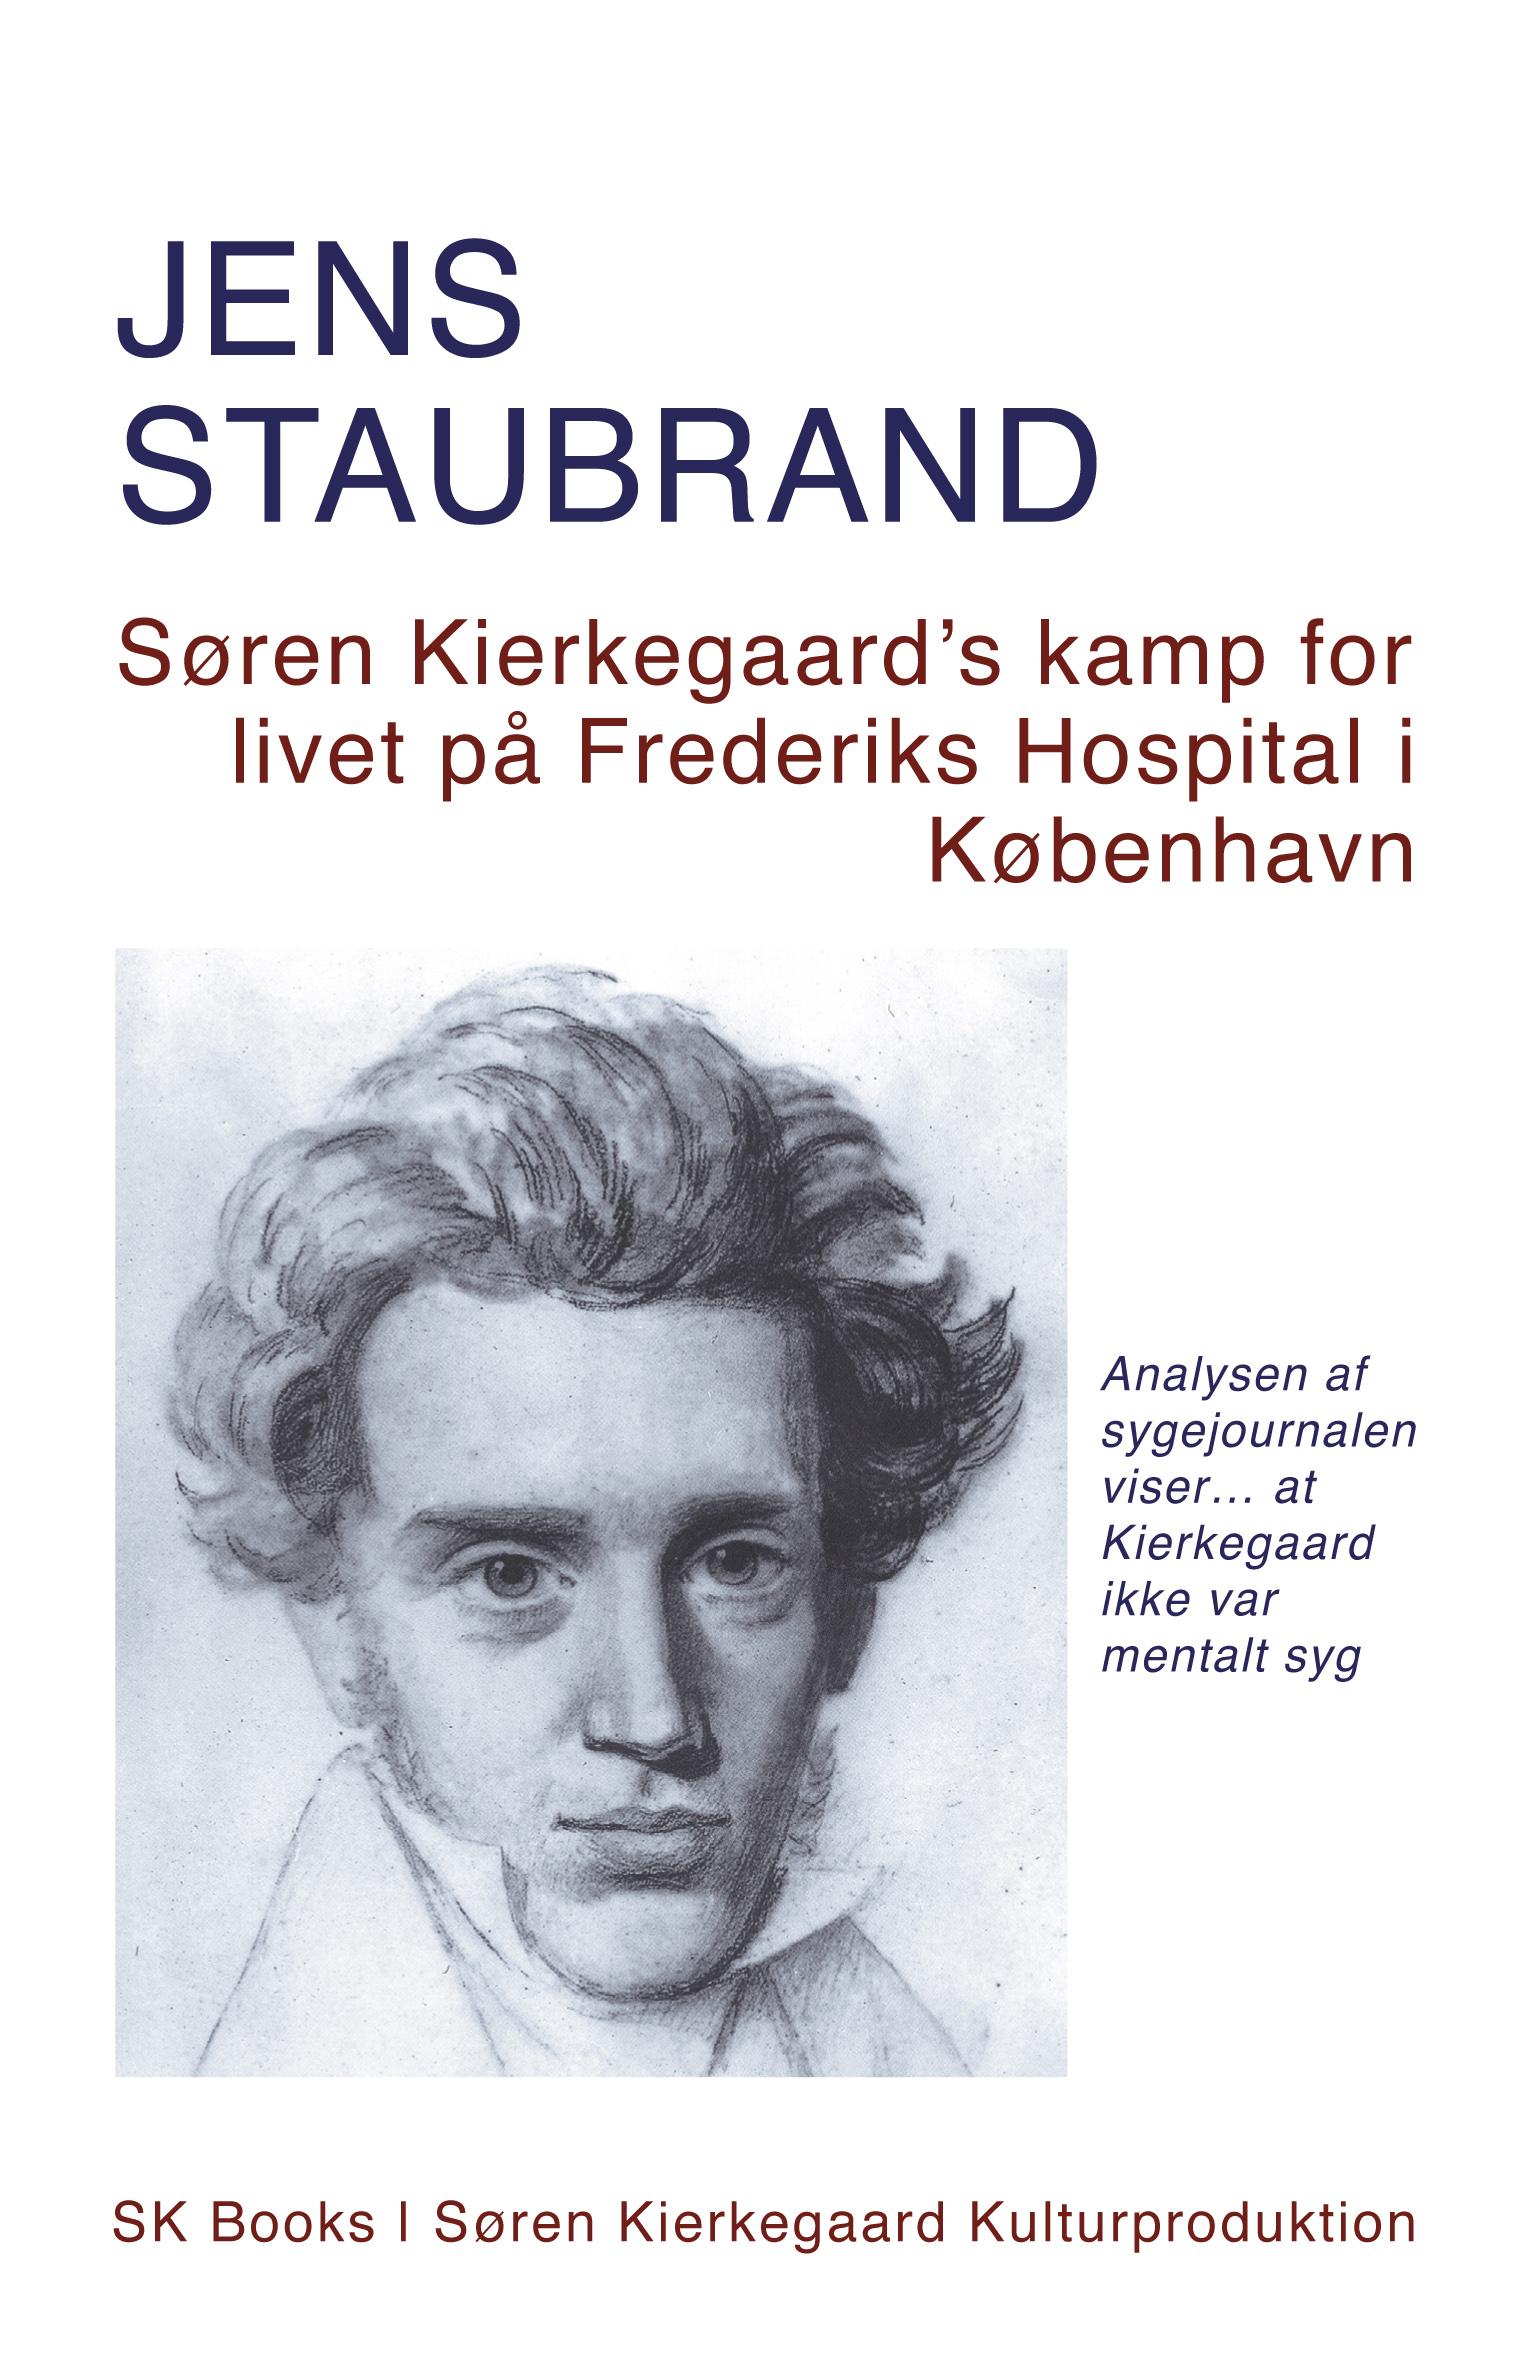 Søren Kierkegaard's kamp for livet på Frederiks Hospital i København